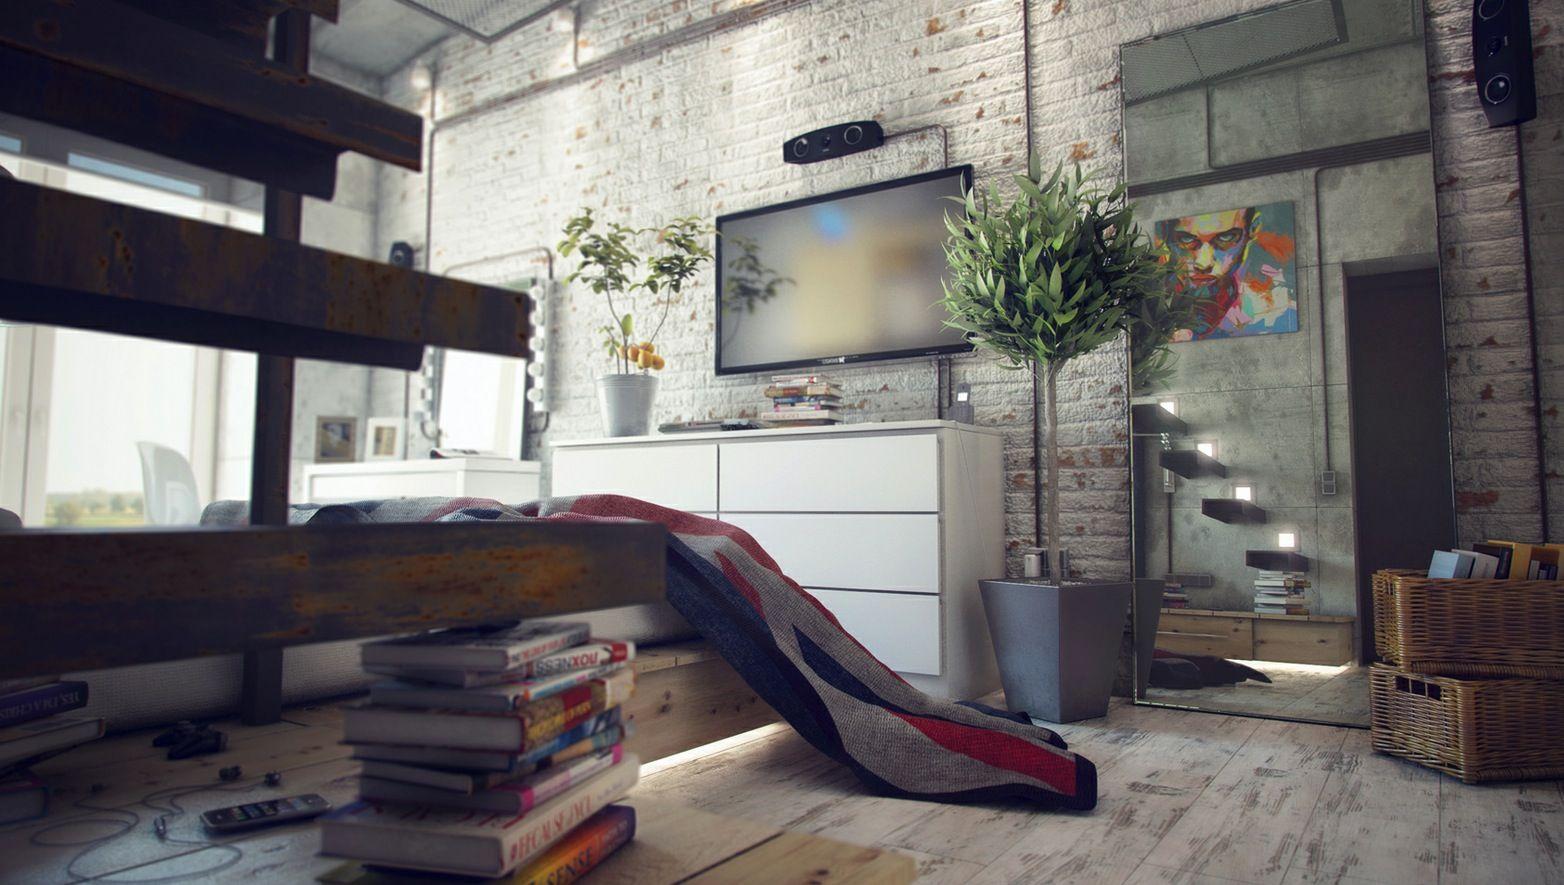 Mitte Jahrhundert Modernes Interieur Wohnzimmer Loft Interior Design  Remodeling Pinterest. Loft Interior Design Remodeling Pinterest